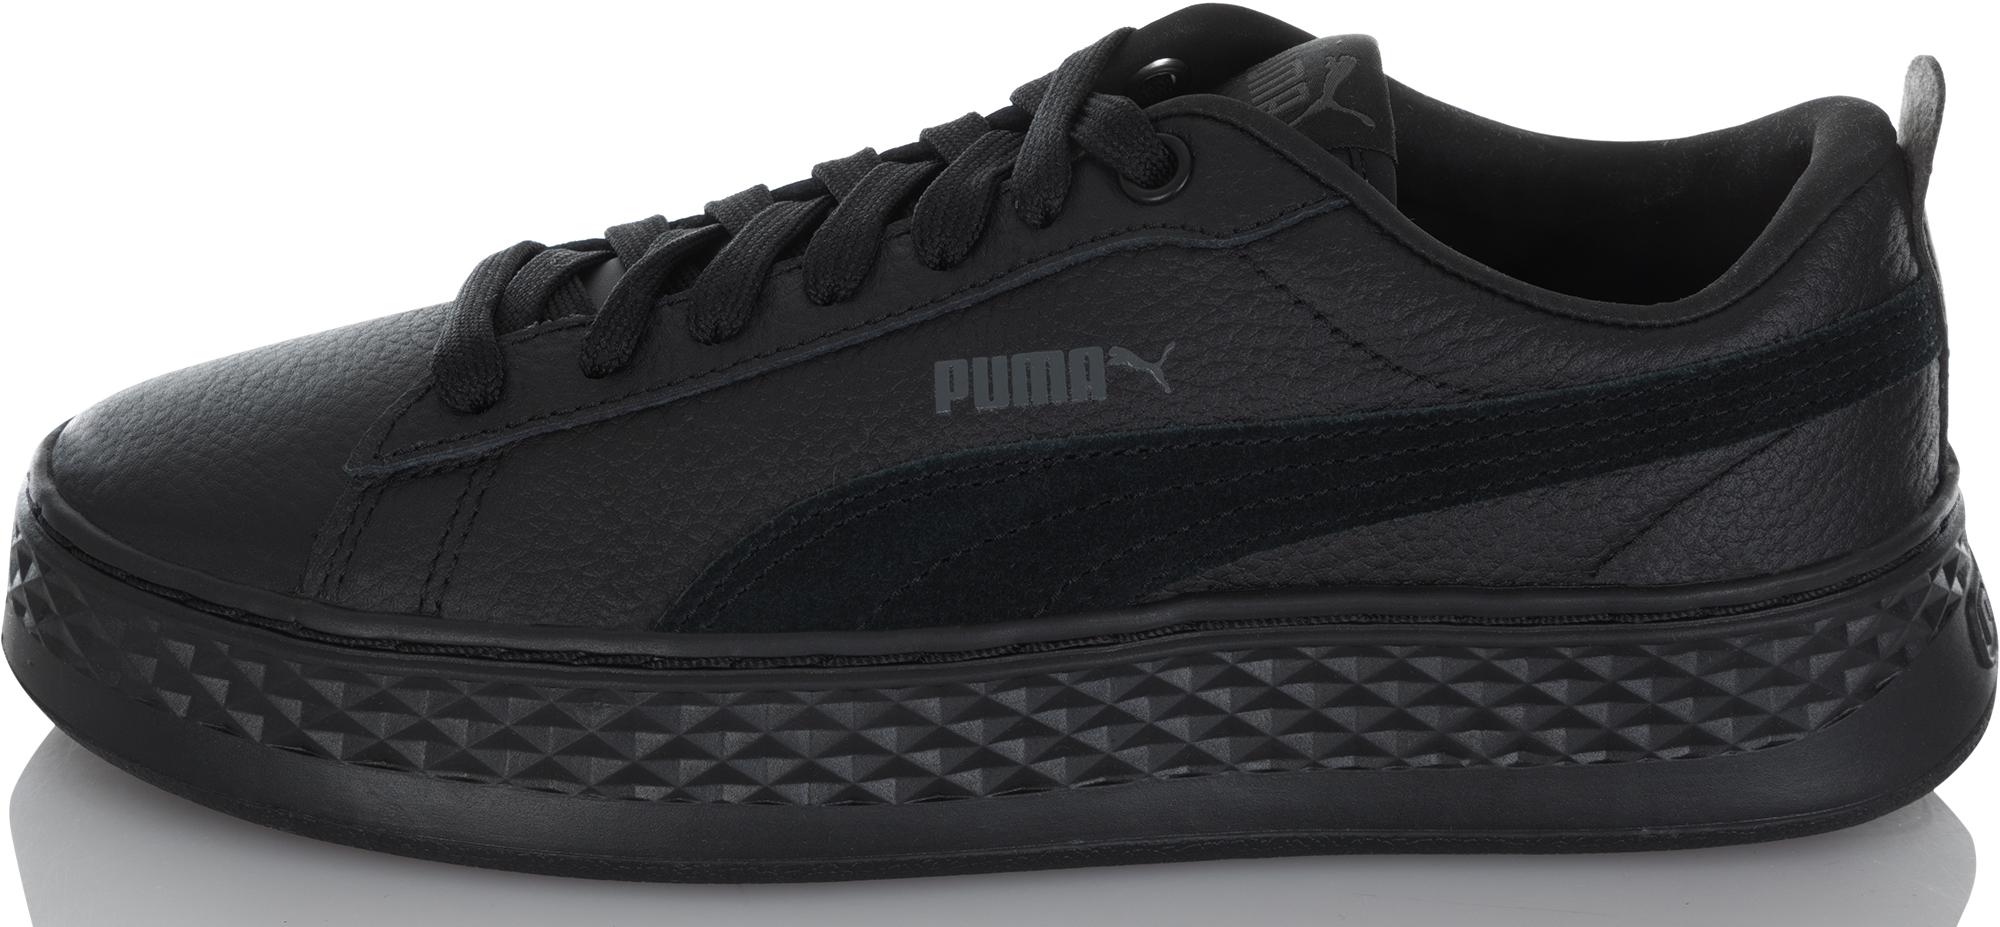 купить Puma Кеды женские Puma Smash Platform, размер 39,5 по цене 5999 рублей